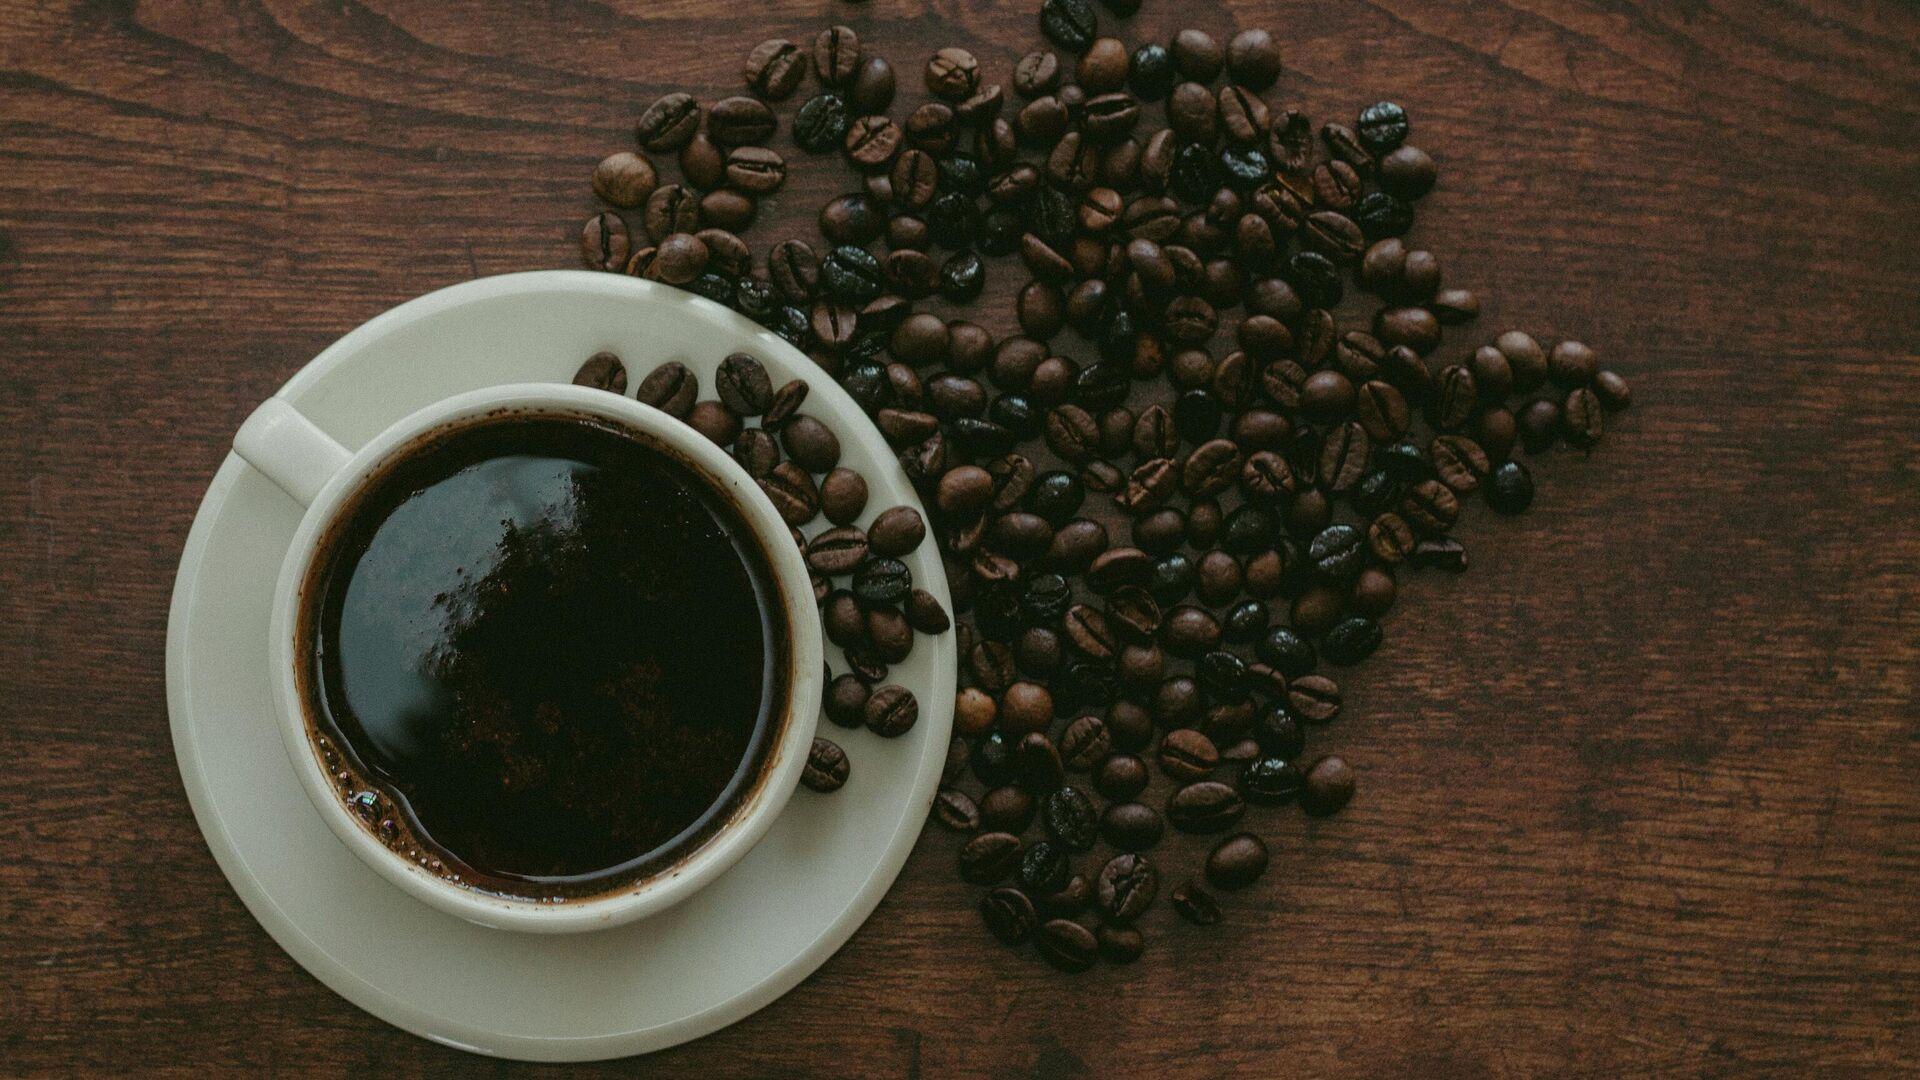 Una taza y unos granos de café - Sputnik Mundo, 1920, 13.07.2021